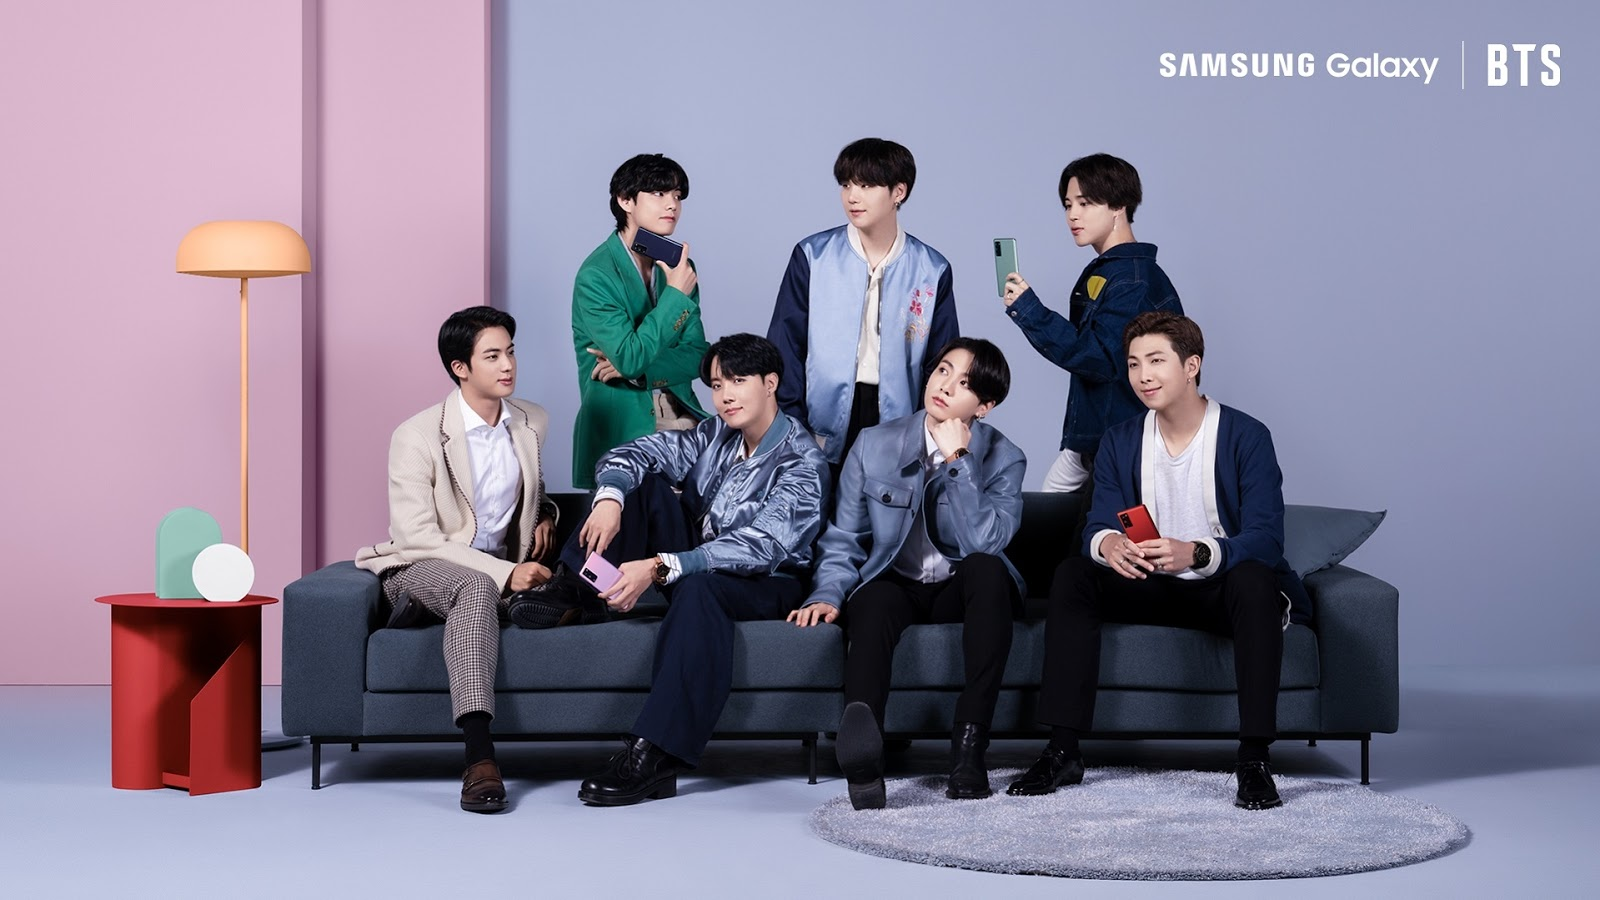 7 หนุ่ม BTS เซอไพรซ์เหล่า A.R.M.Y. กลางไลฟ์อีเวนต์เปิดตัว Samsung Galaxy S20 FE สมาร์ทโฟนรุ่นใหม่ล่าสุด จัดเต็มทุกฟีเจอร์ยอดนิยม เพื่อกาแลคซี่แฟนโดยเฉพาะ